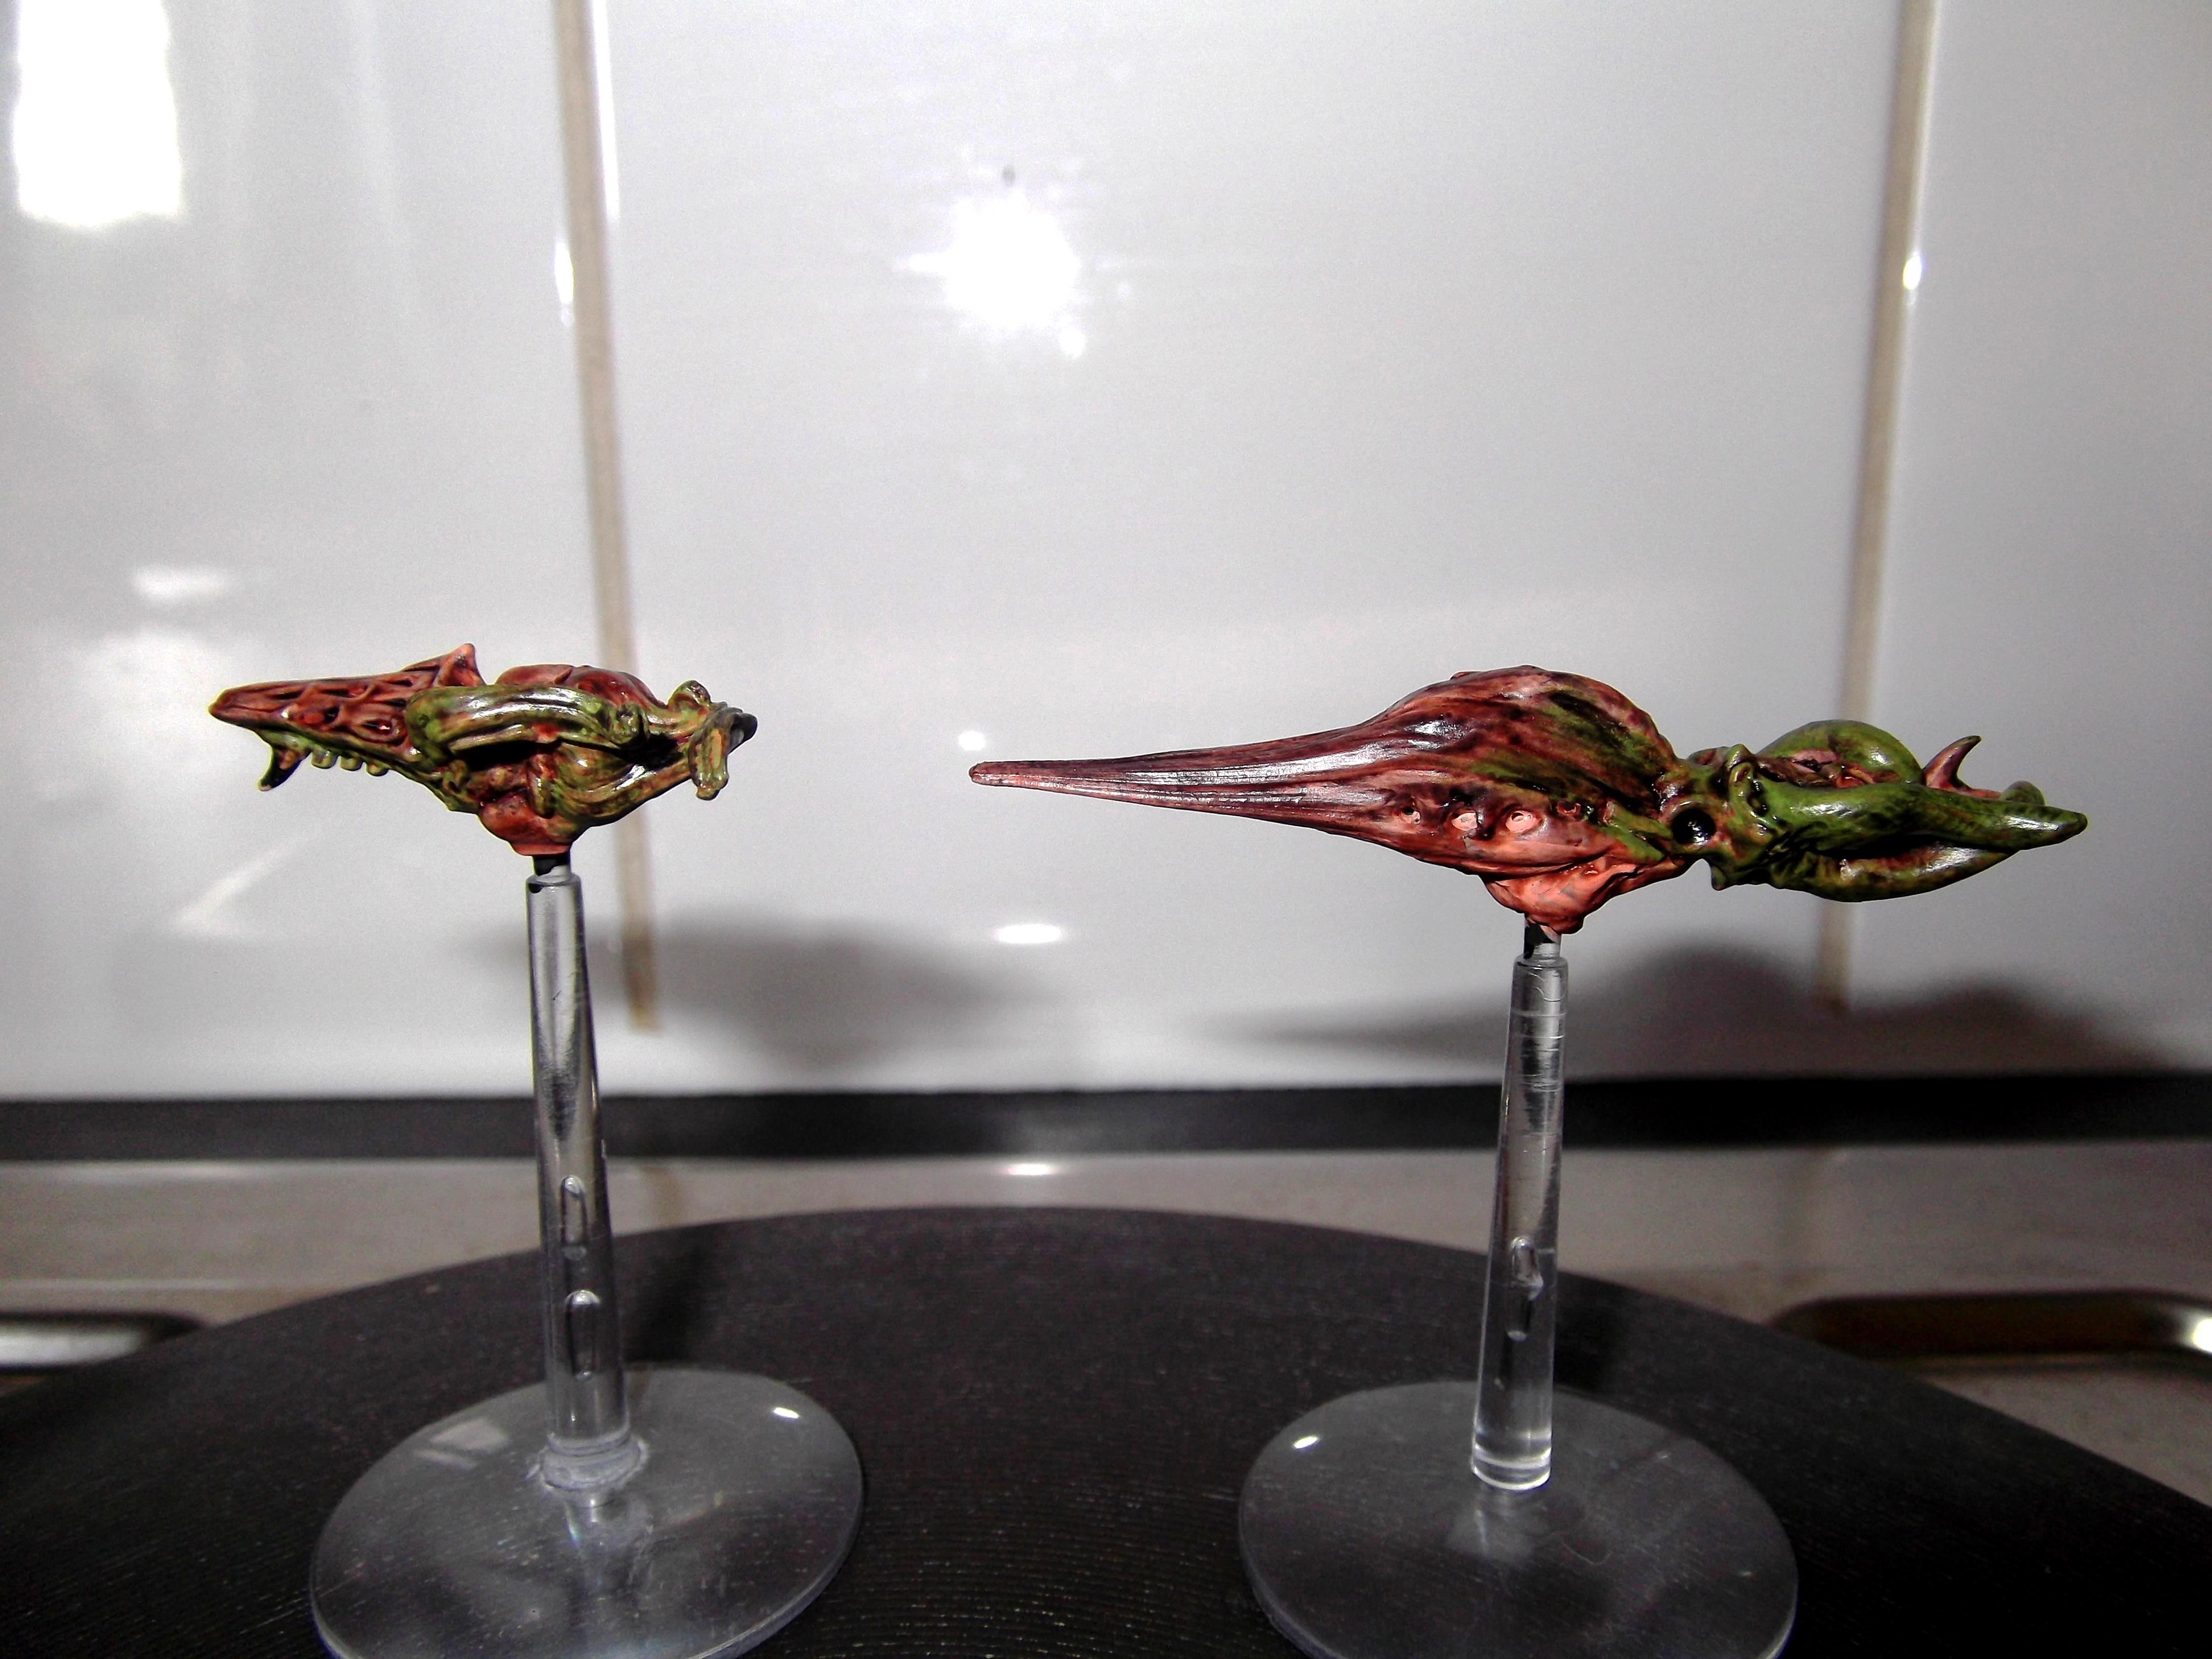 Battlefleet Gothic, Fleet, Greenstuff, Hive Ship, Scratch Build, Sculpting, Ships, Space, Tyranids, Warhammer 40,000